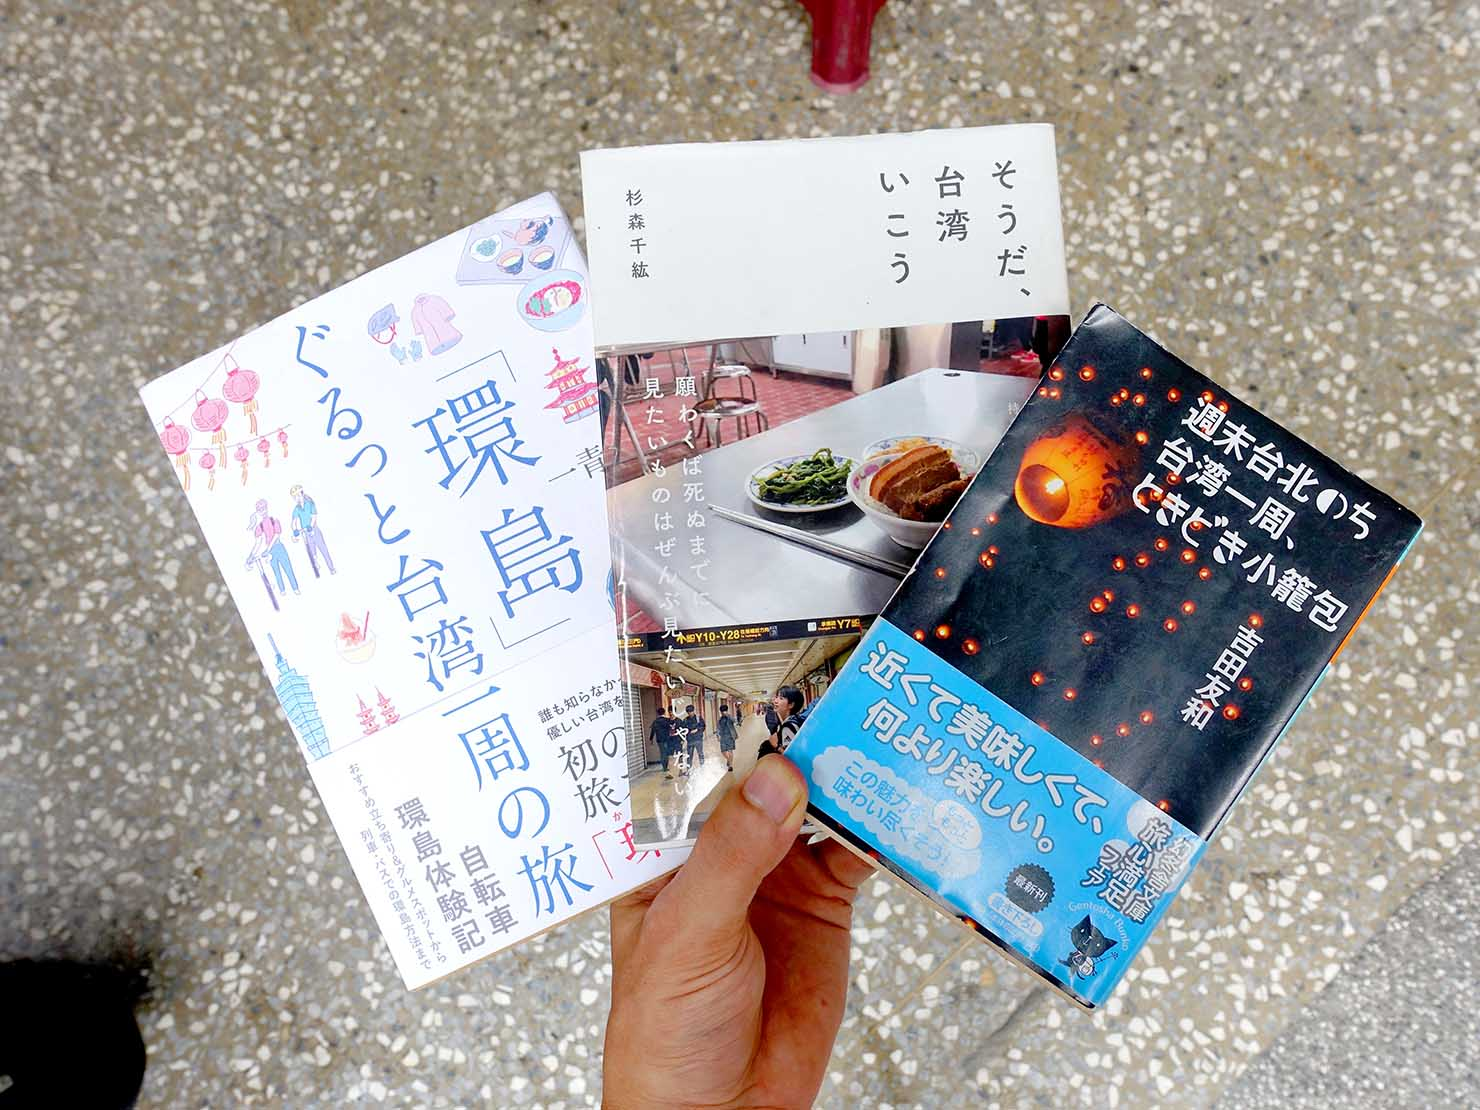 旅気分を盛り上げてくれる台湾一周エッセイのおすすめ3作品